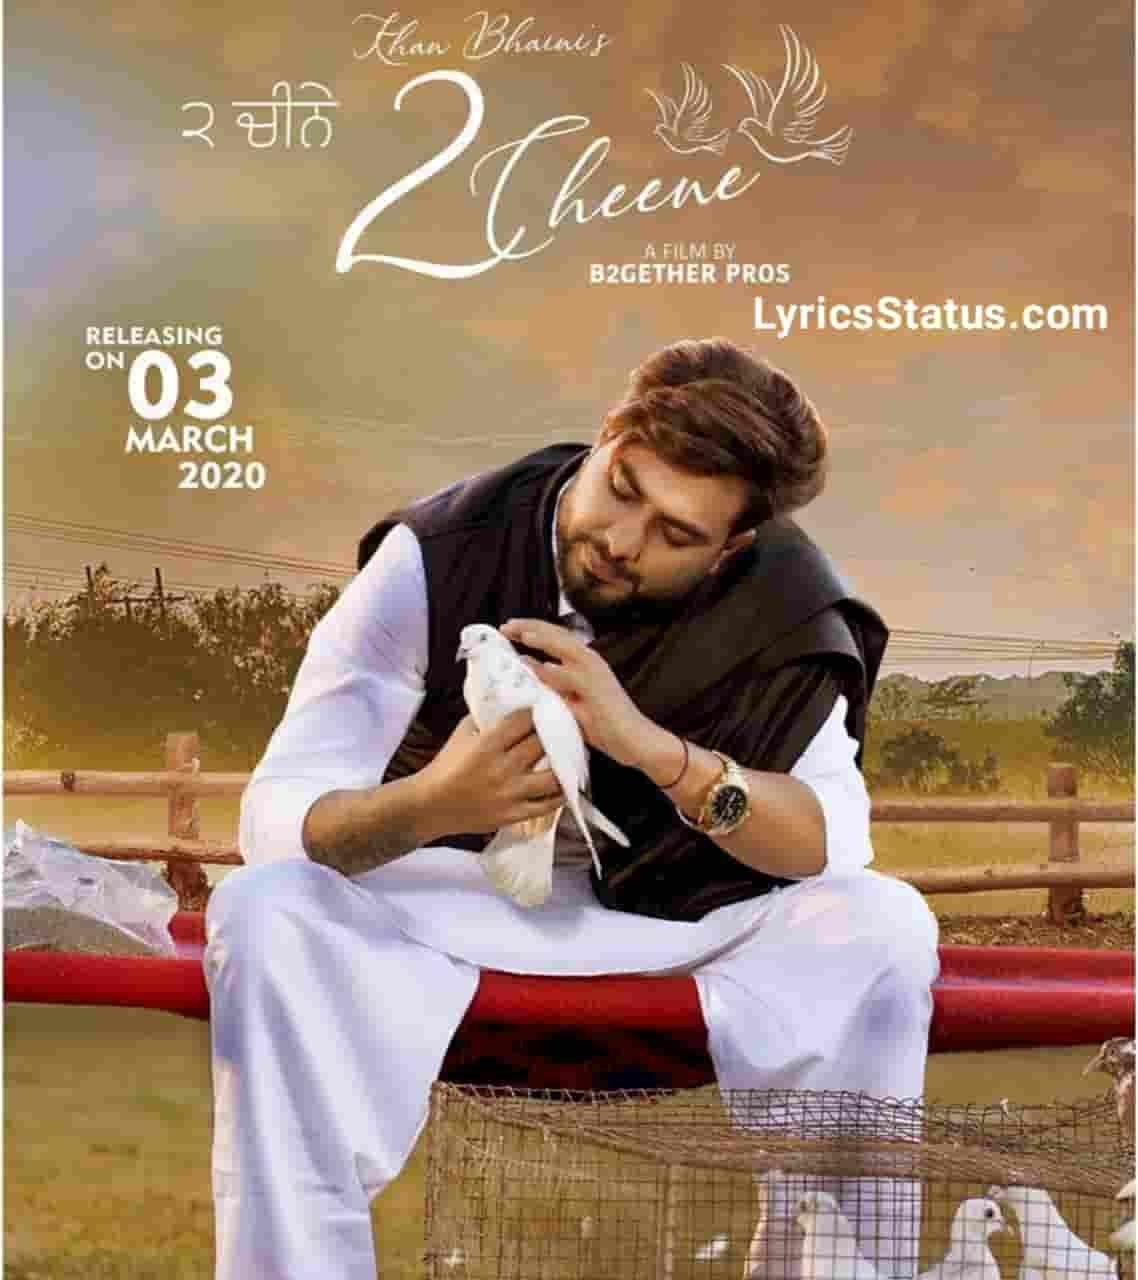 Khan Bhaini 2 Cheene Lyrics Status Download Punjabi Song Disde 2 cheene balliye ni mittran ne chhadde aan status video download